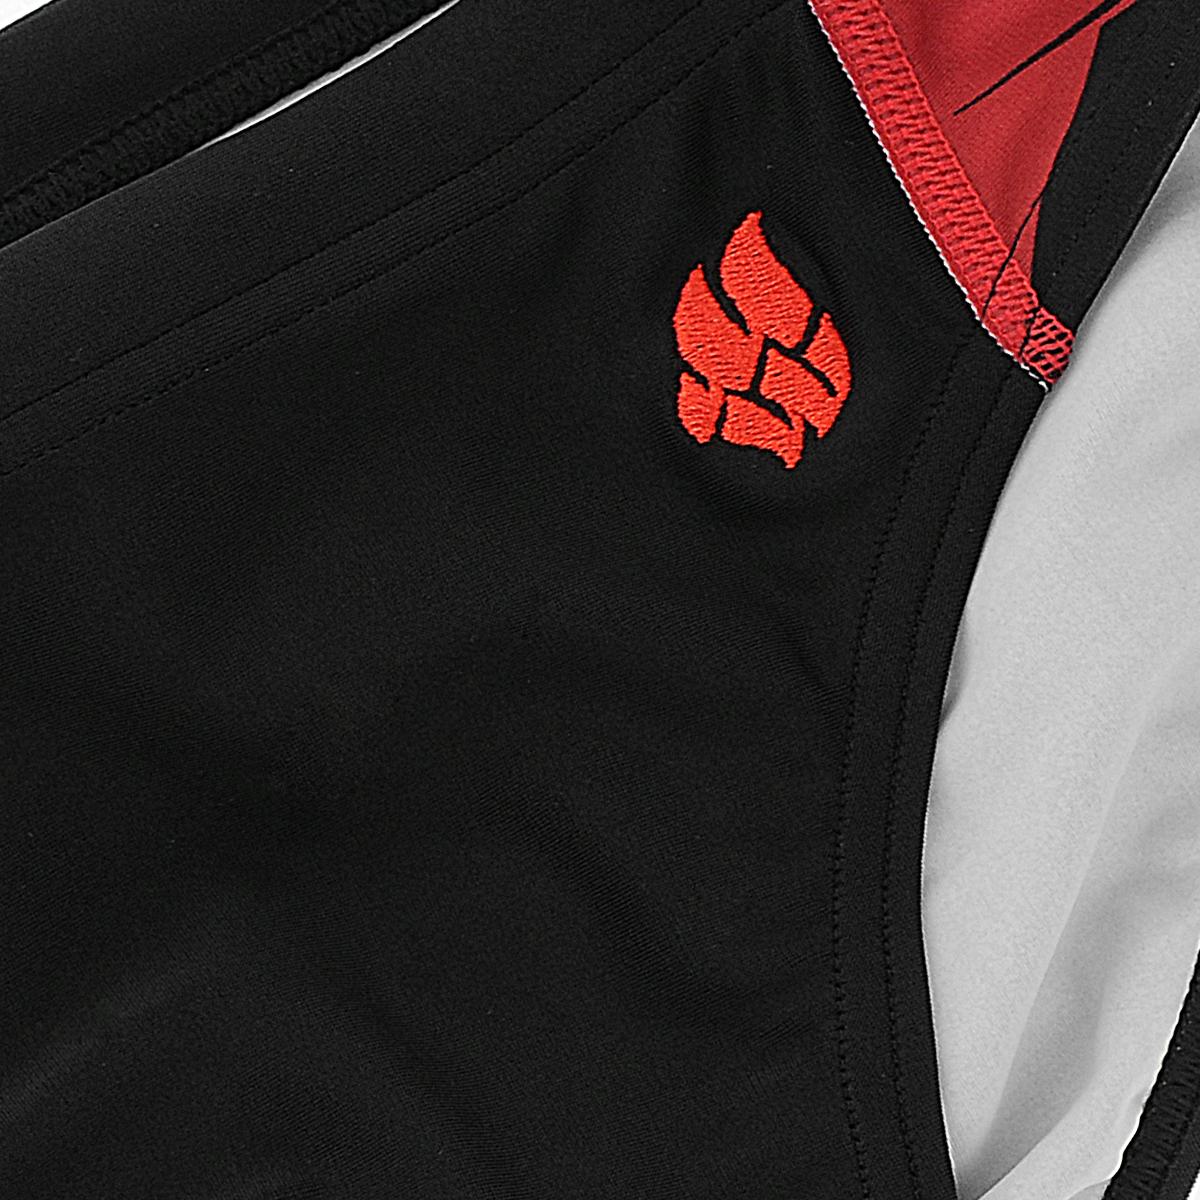 Плавки мужские MadWave Harrier, цвет:  черный, красный.  M0212 10 3 N3W.  Размер XS (44) MadWave